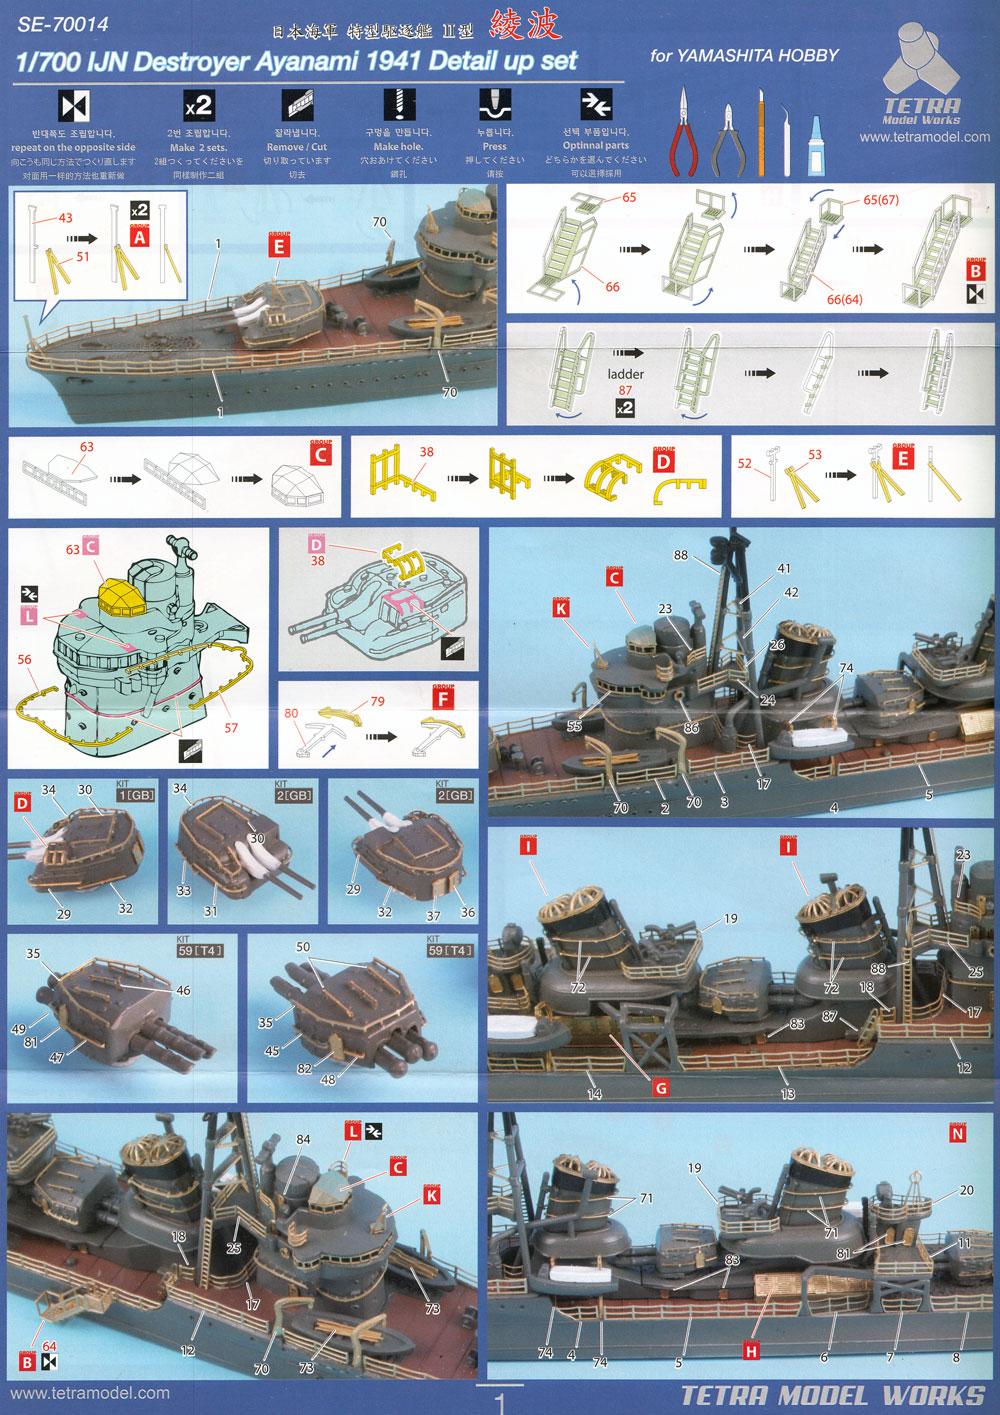 日本海軍 駆逐艦 綾波 1941 ディテールアップセット (ヤマシタホビー用)エッチング(テトラモデルワークス艦船 エッチングパーツNo.SE-70014)商品画像_2